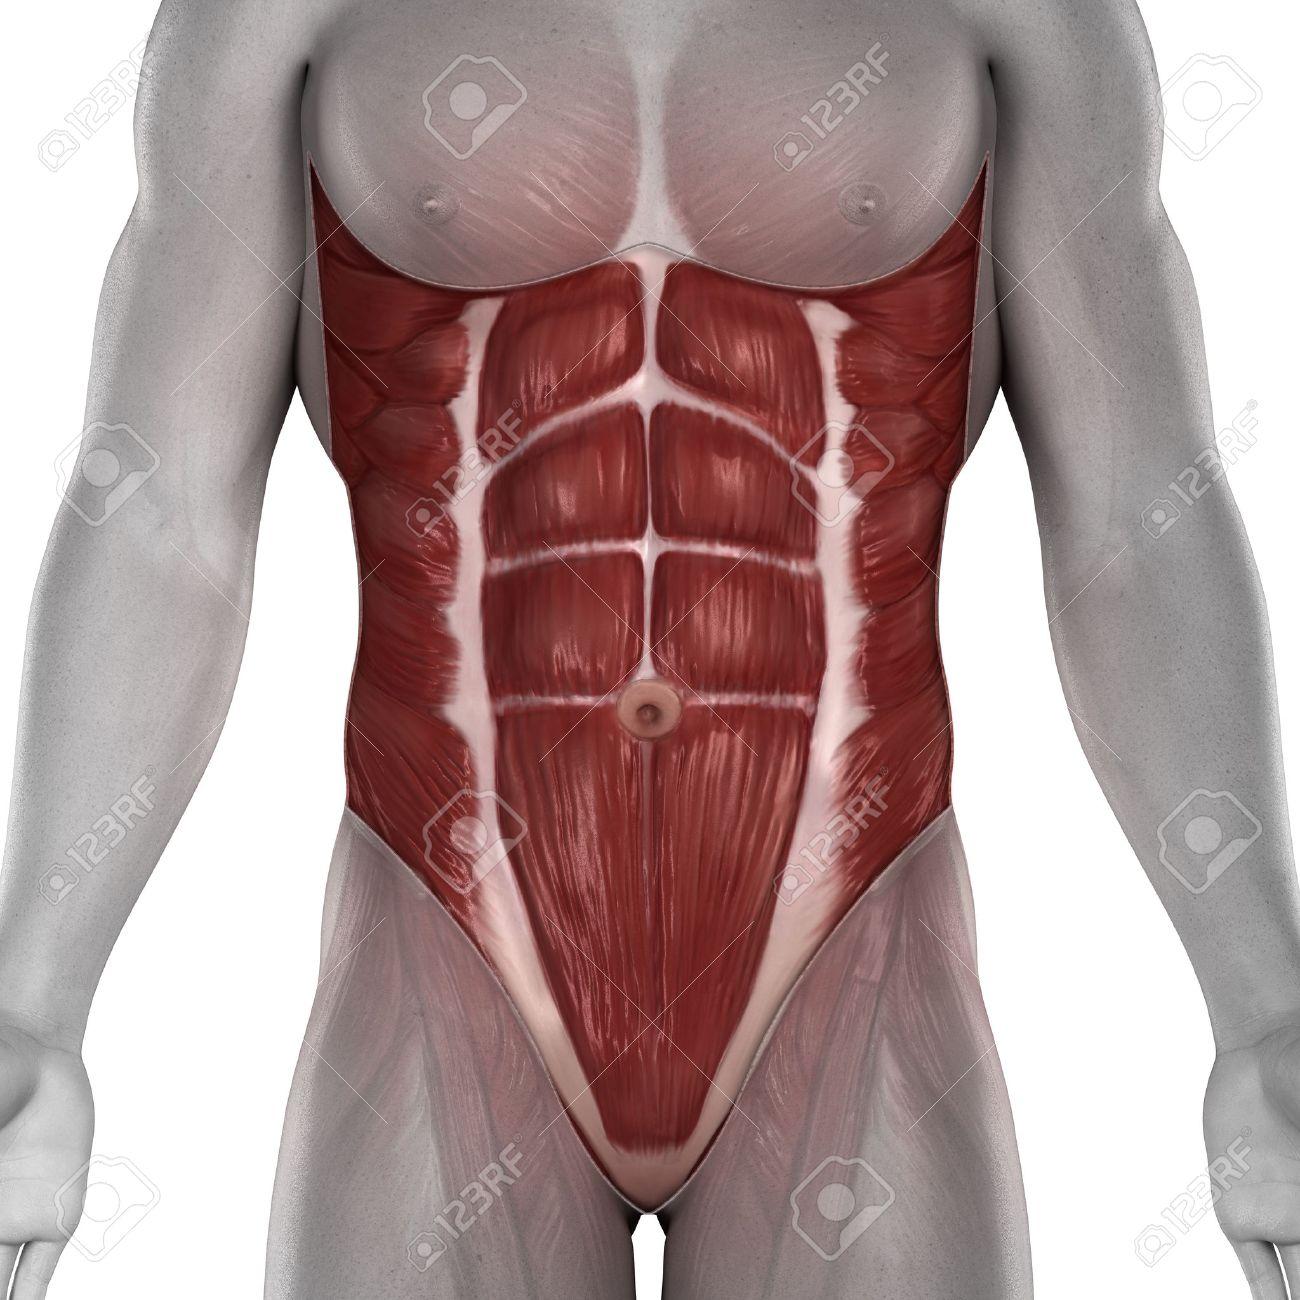 Los Músculos Del Abdomen Anatomía Masculina Aislado Fotos, Retratos ...